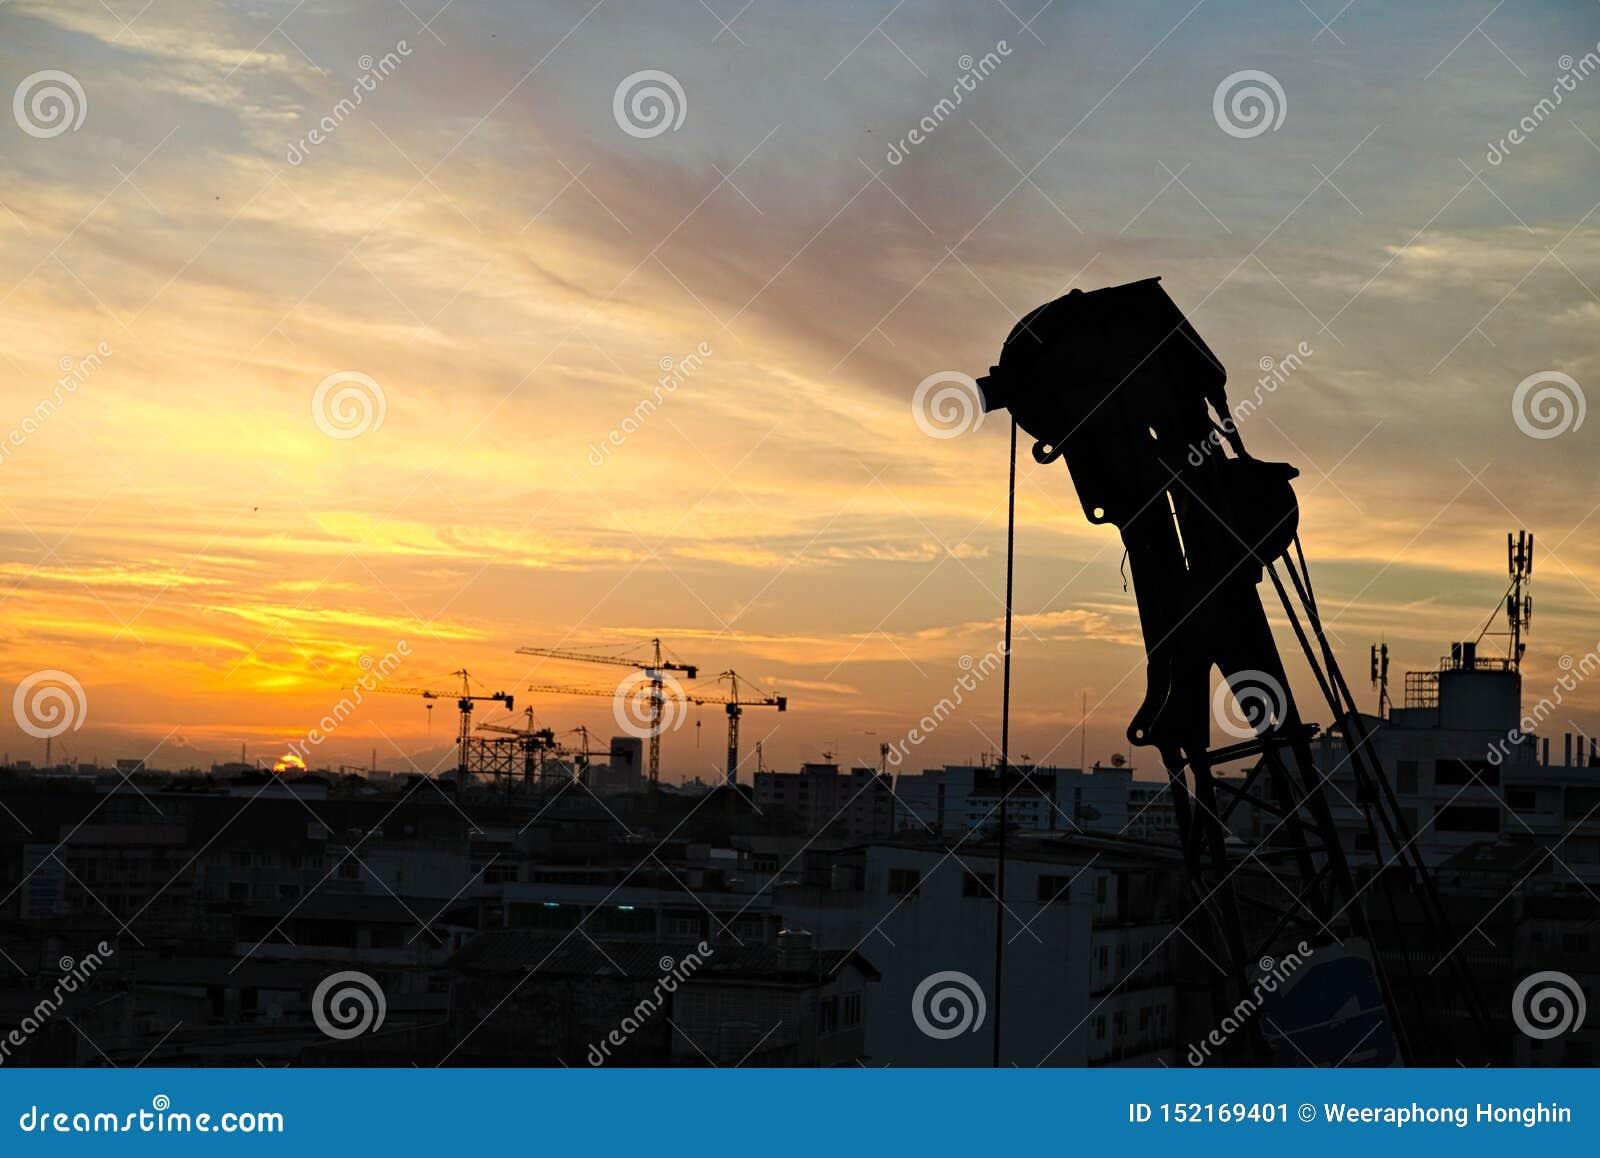 Grúa lista para trabajar después de salida del sol